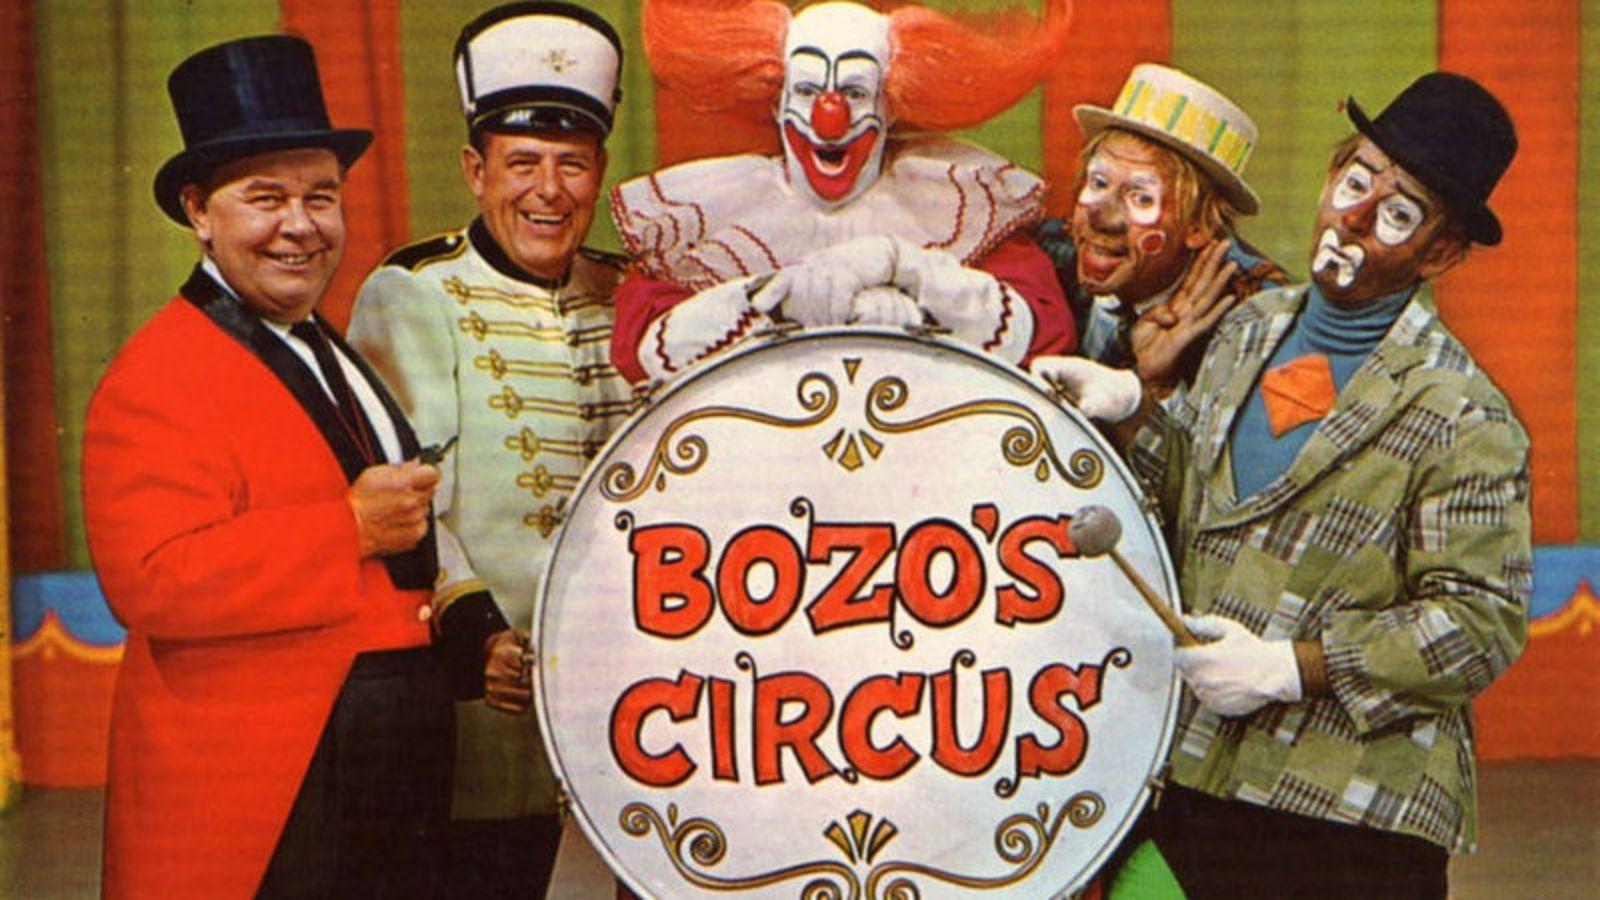 bozos circus